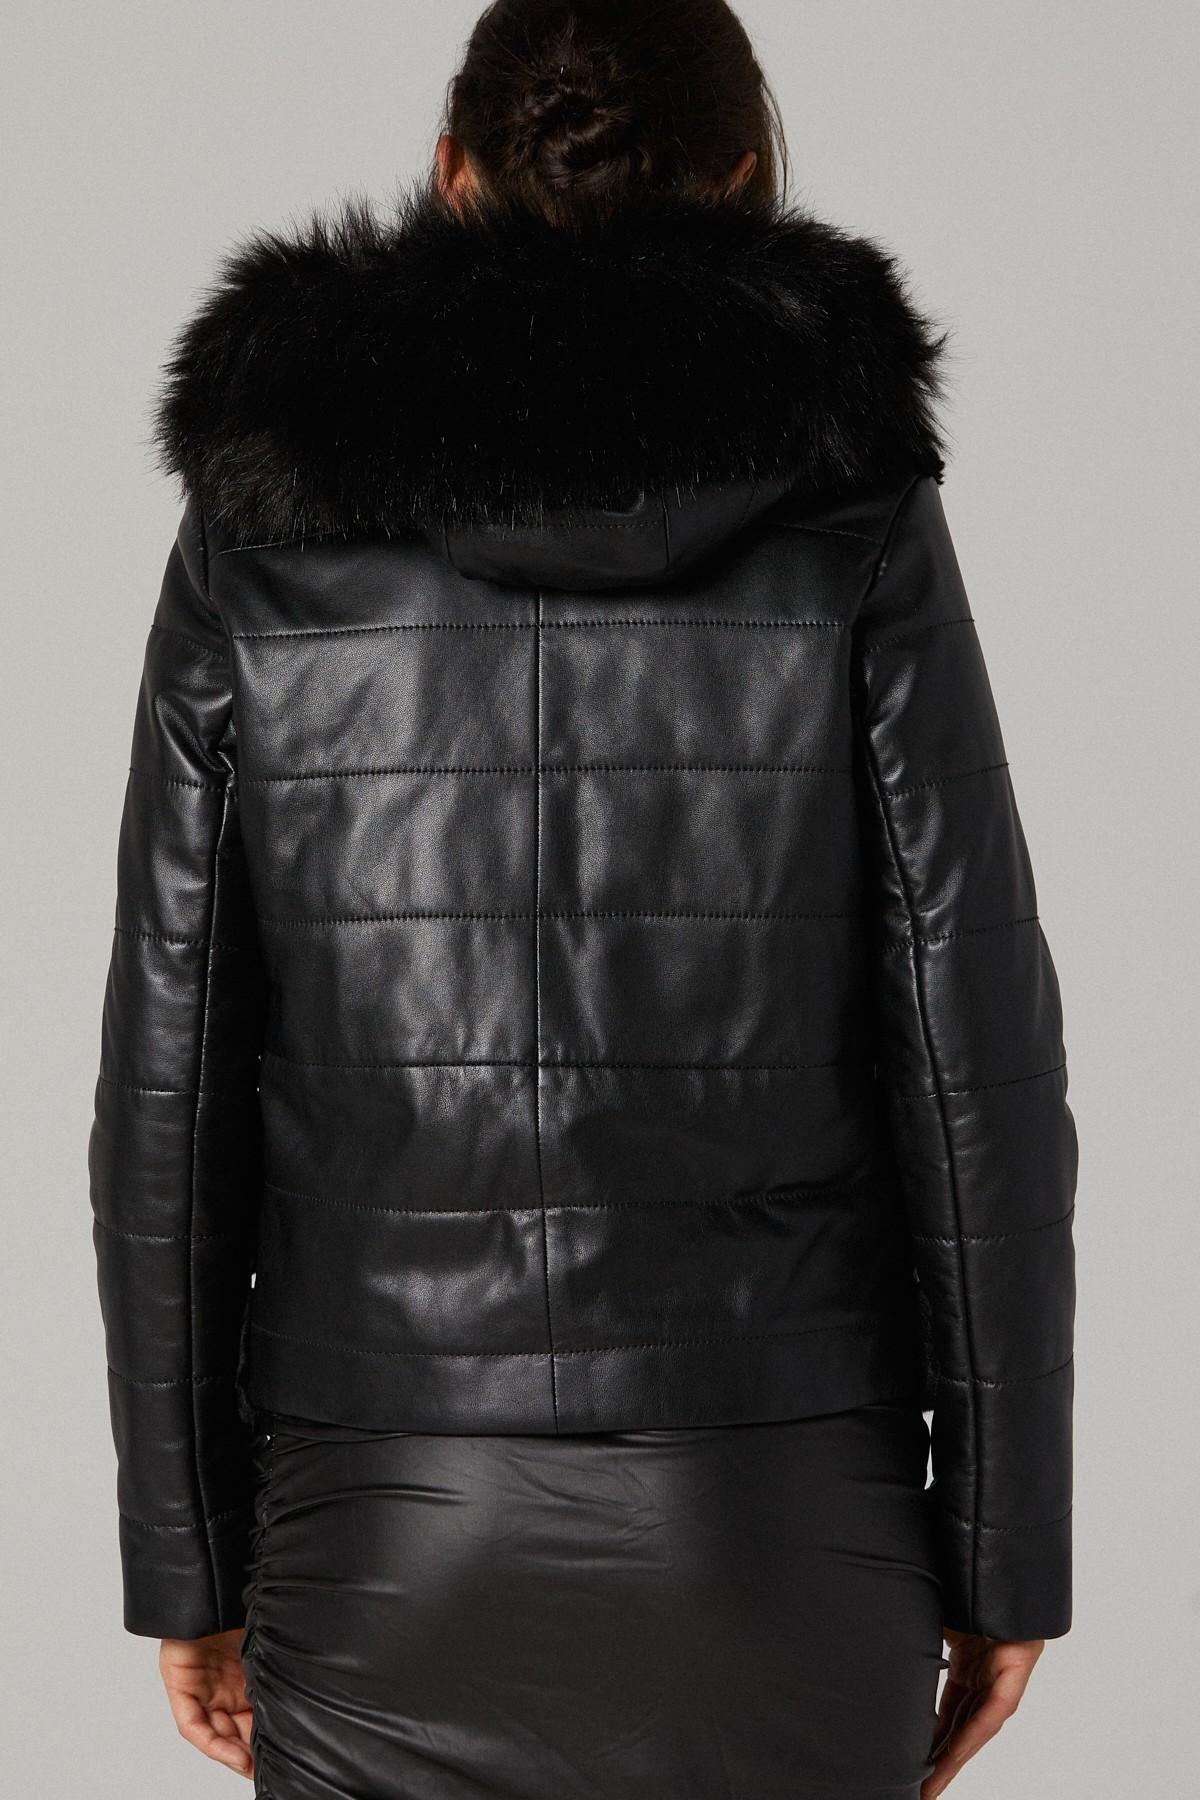 Alex Costa Bomber Jacket